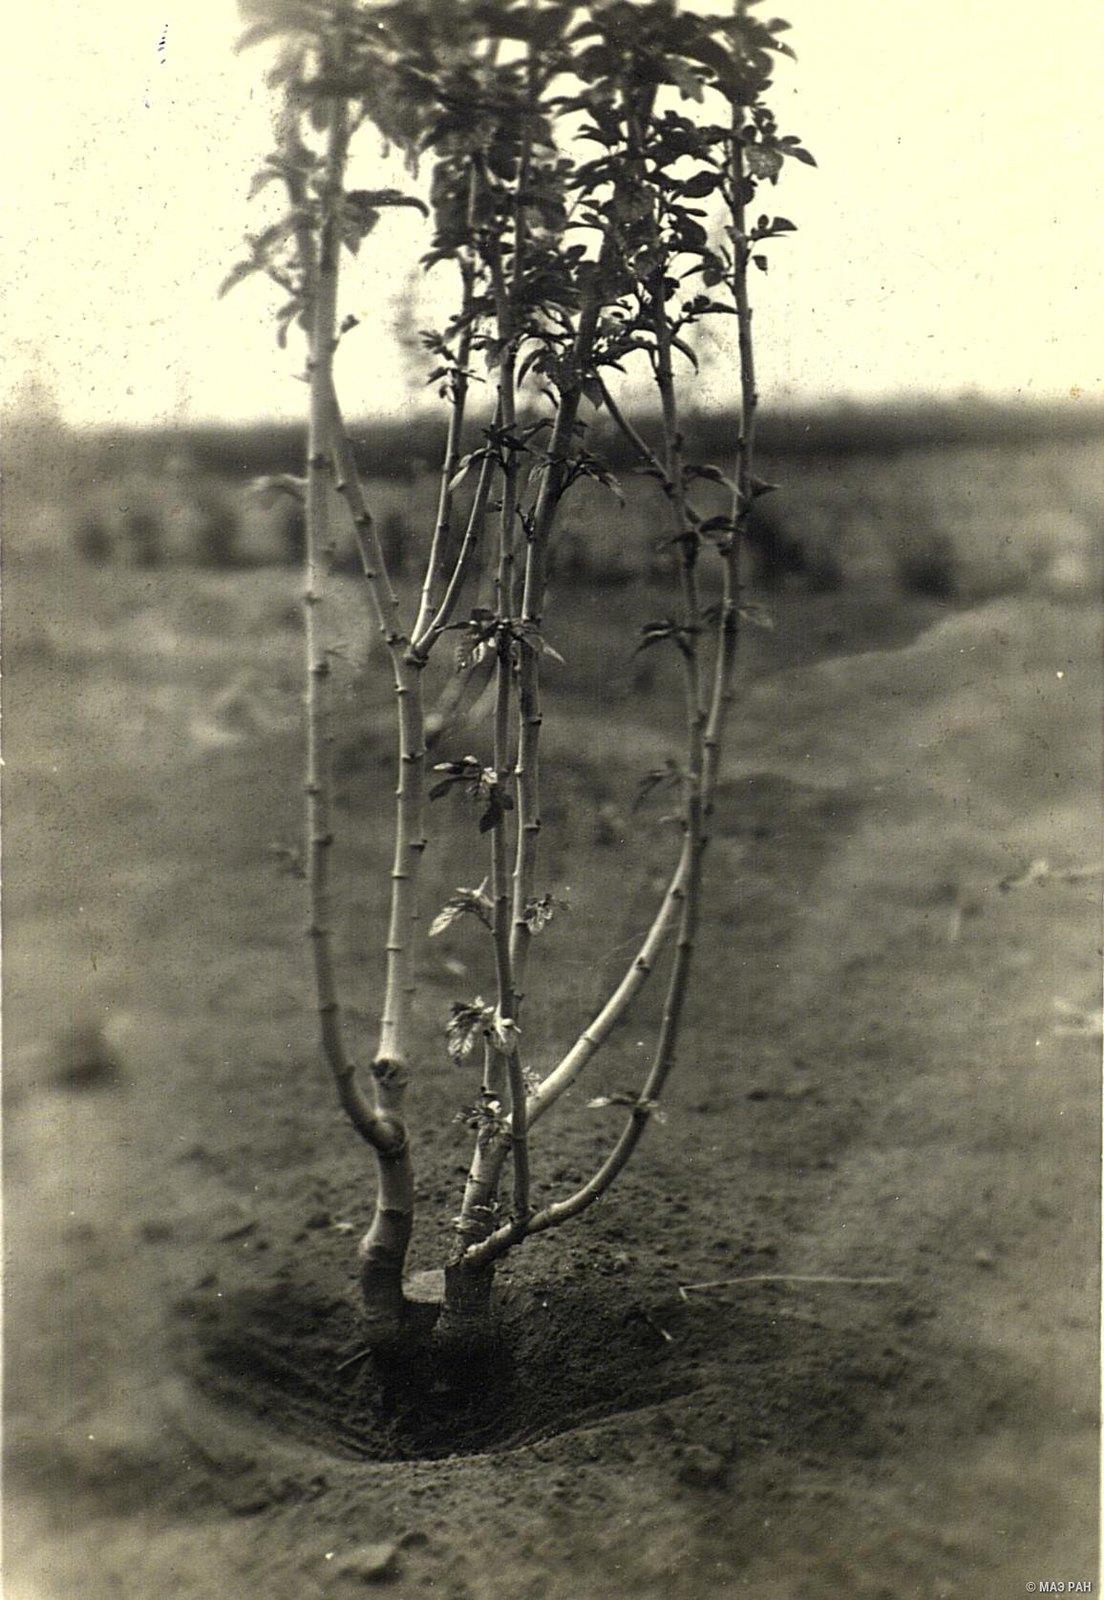 06. Тутовое дерево на шелководческой опытной станции